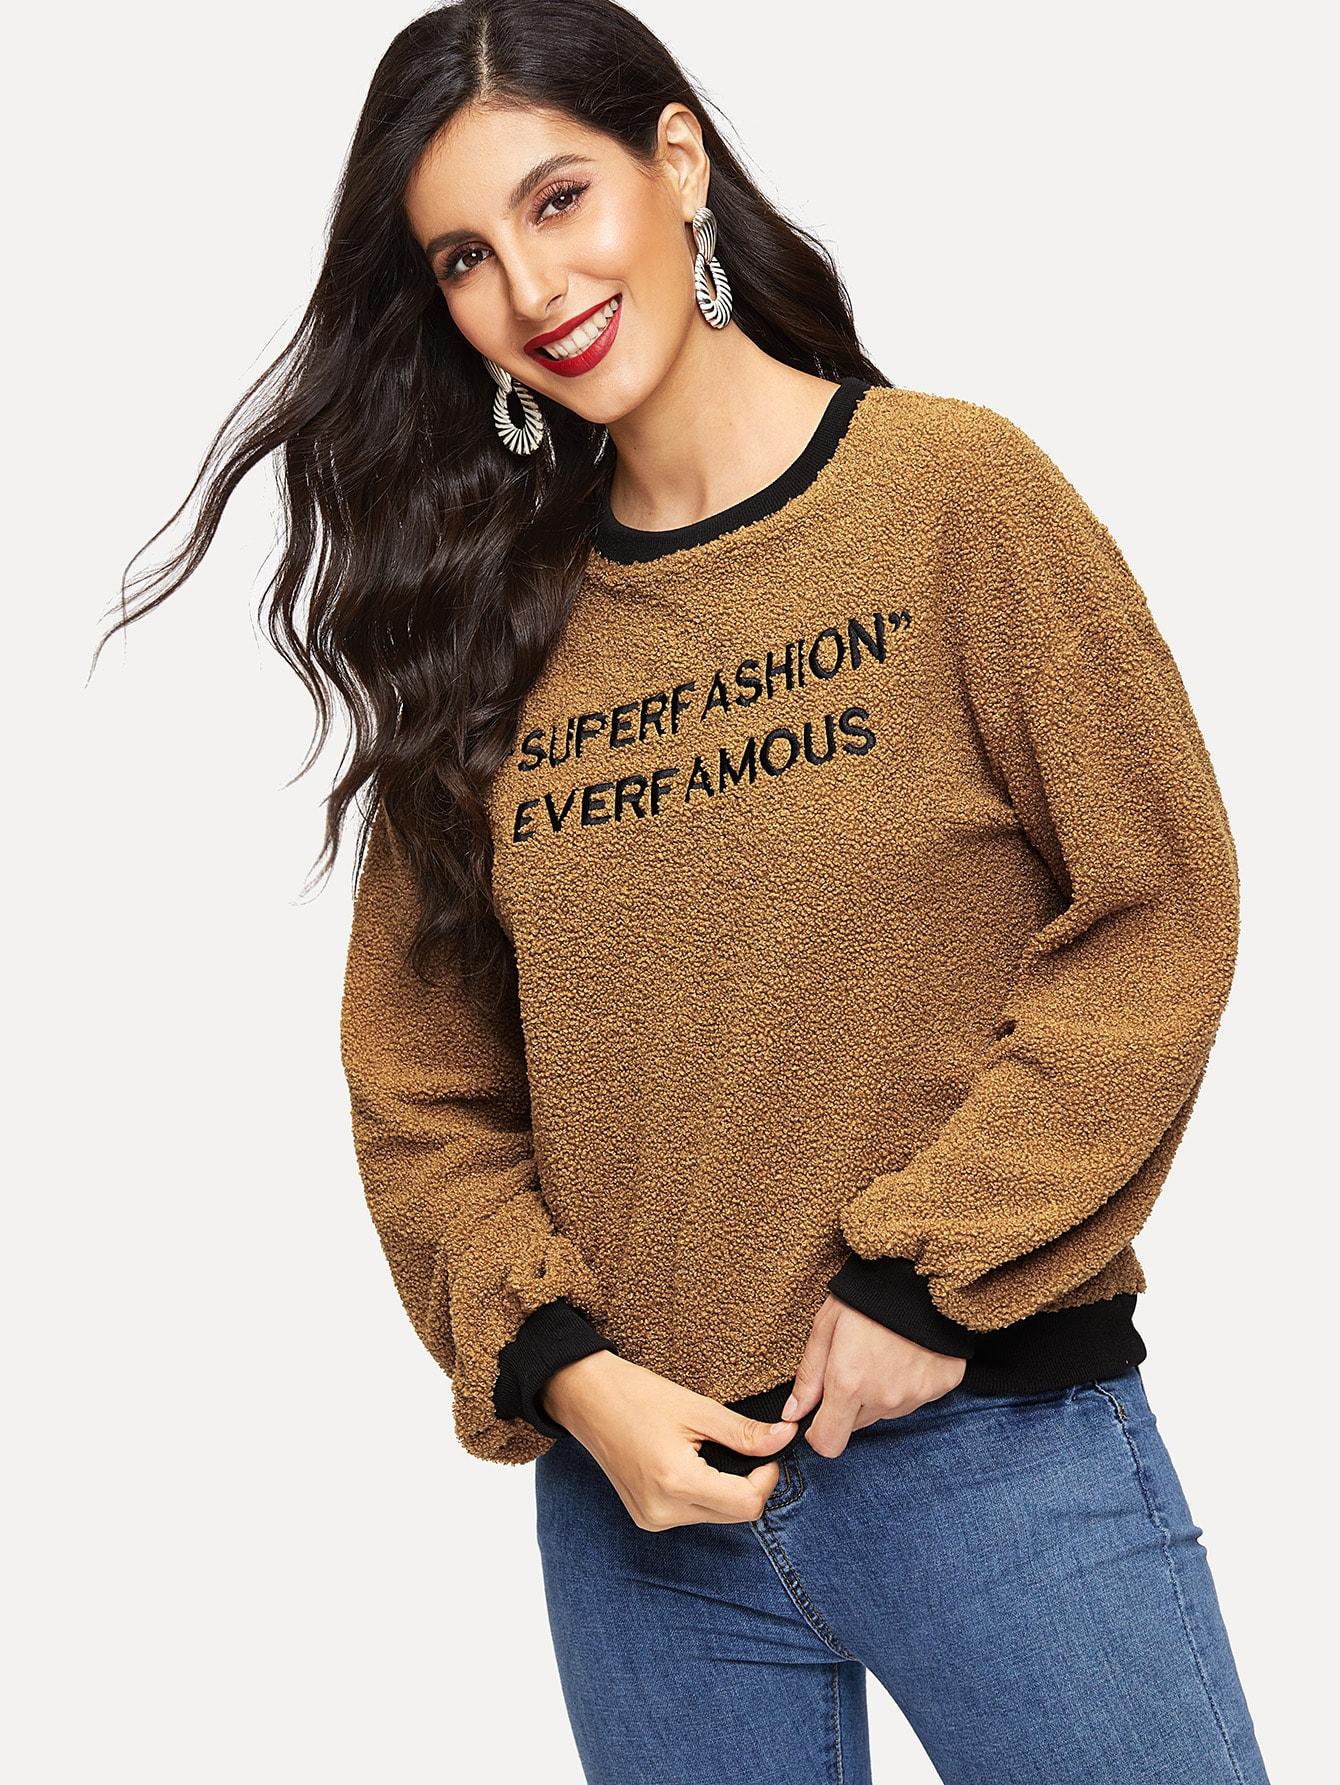 Купить Пуловер тедди с заниженной линией плеч и вышитым текстовым принтом, Jeane, SheIn